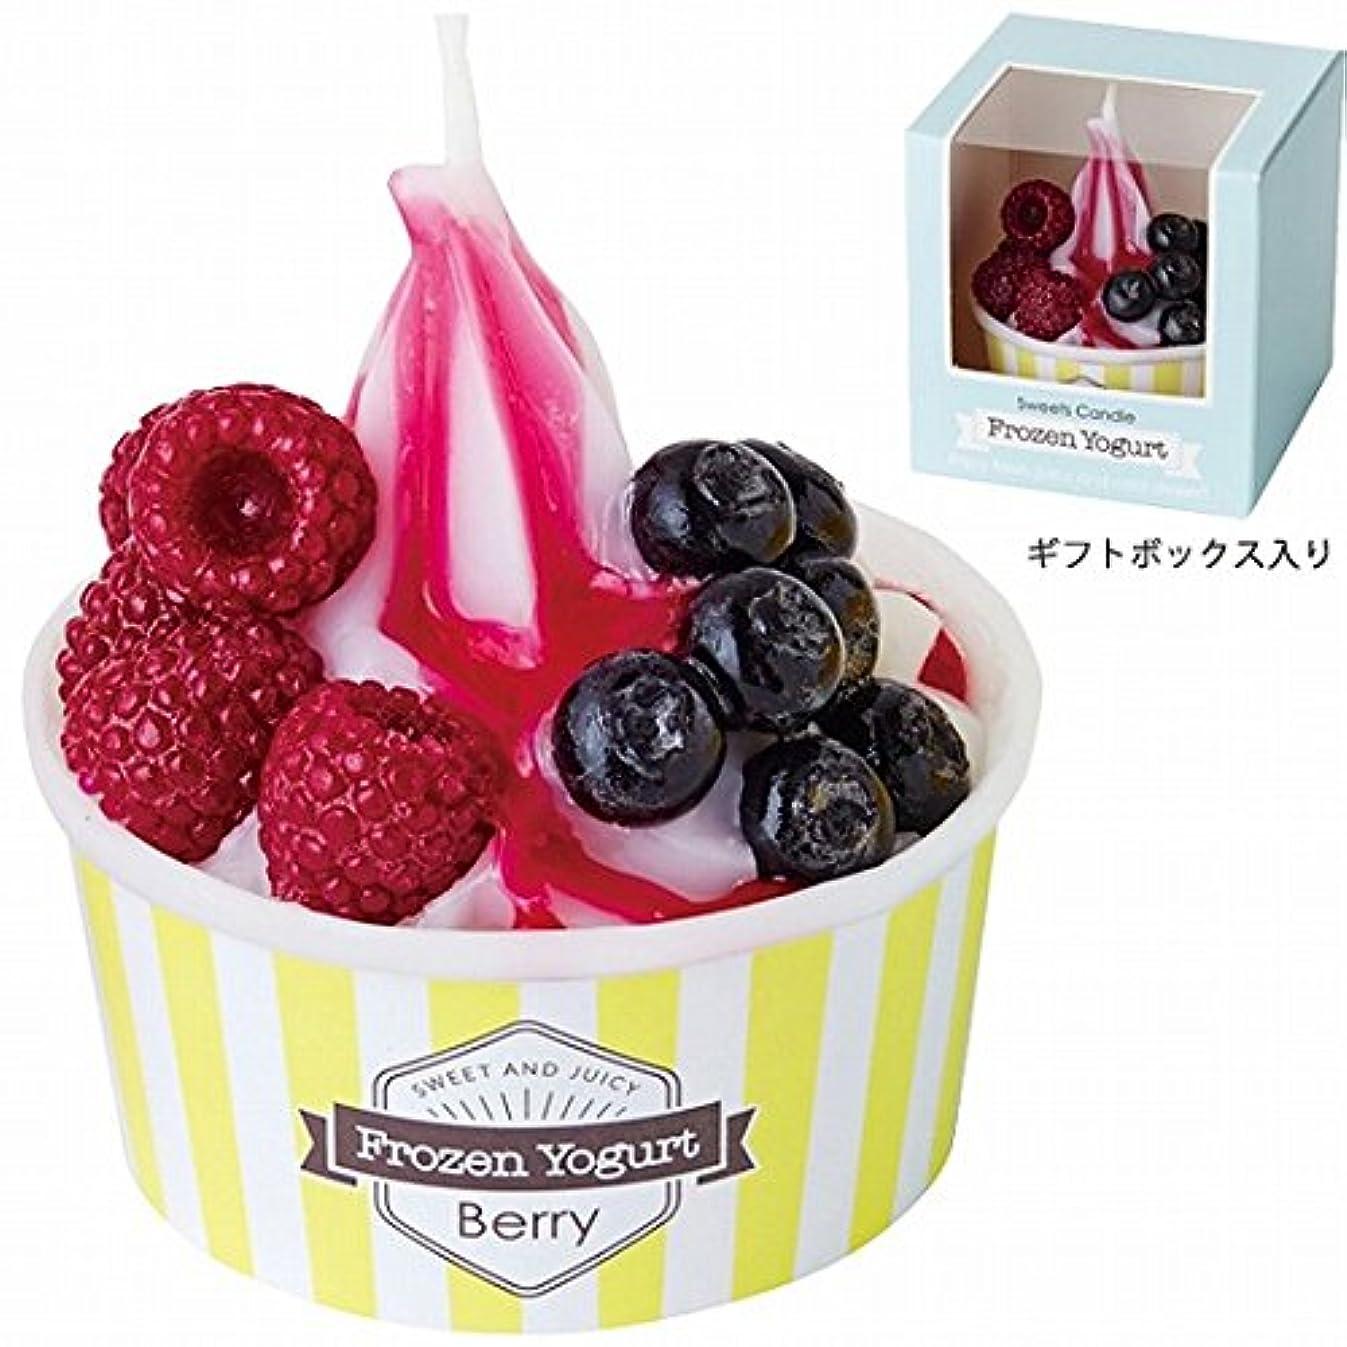 プロテスタント色合い整理するカメヤマキャンドル(kameyama candle) フローズンヨーグルトキャンドル 「ベリー」